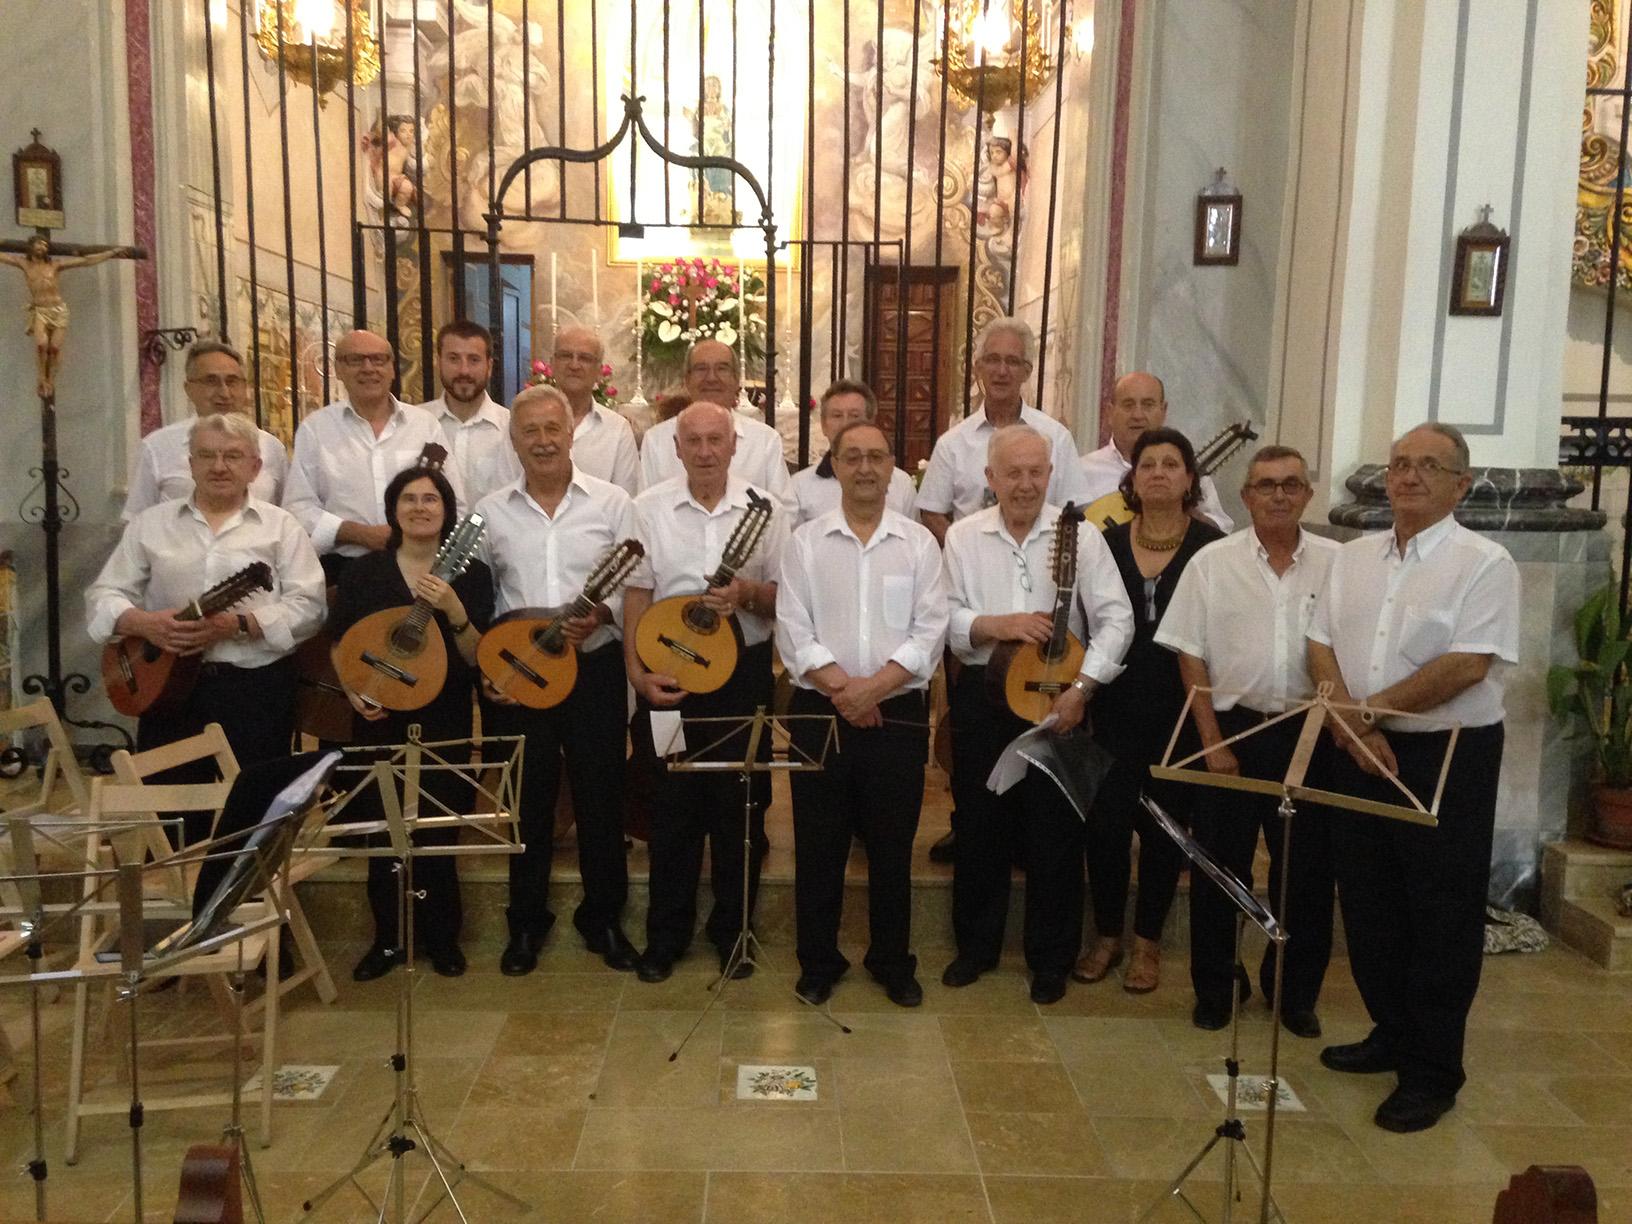 2015-06-21 Concert Lira Convent Agres (33)